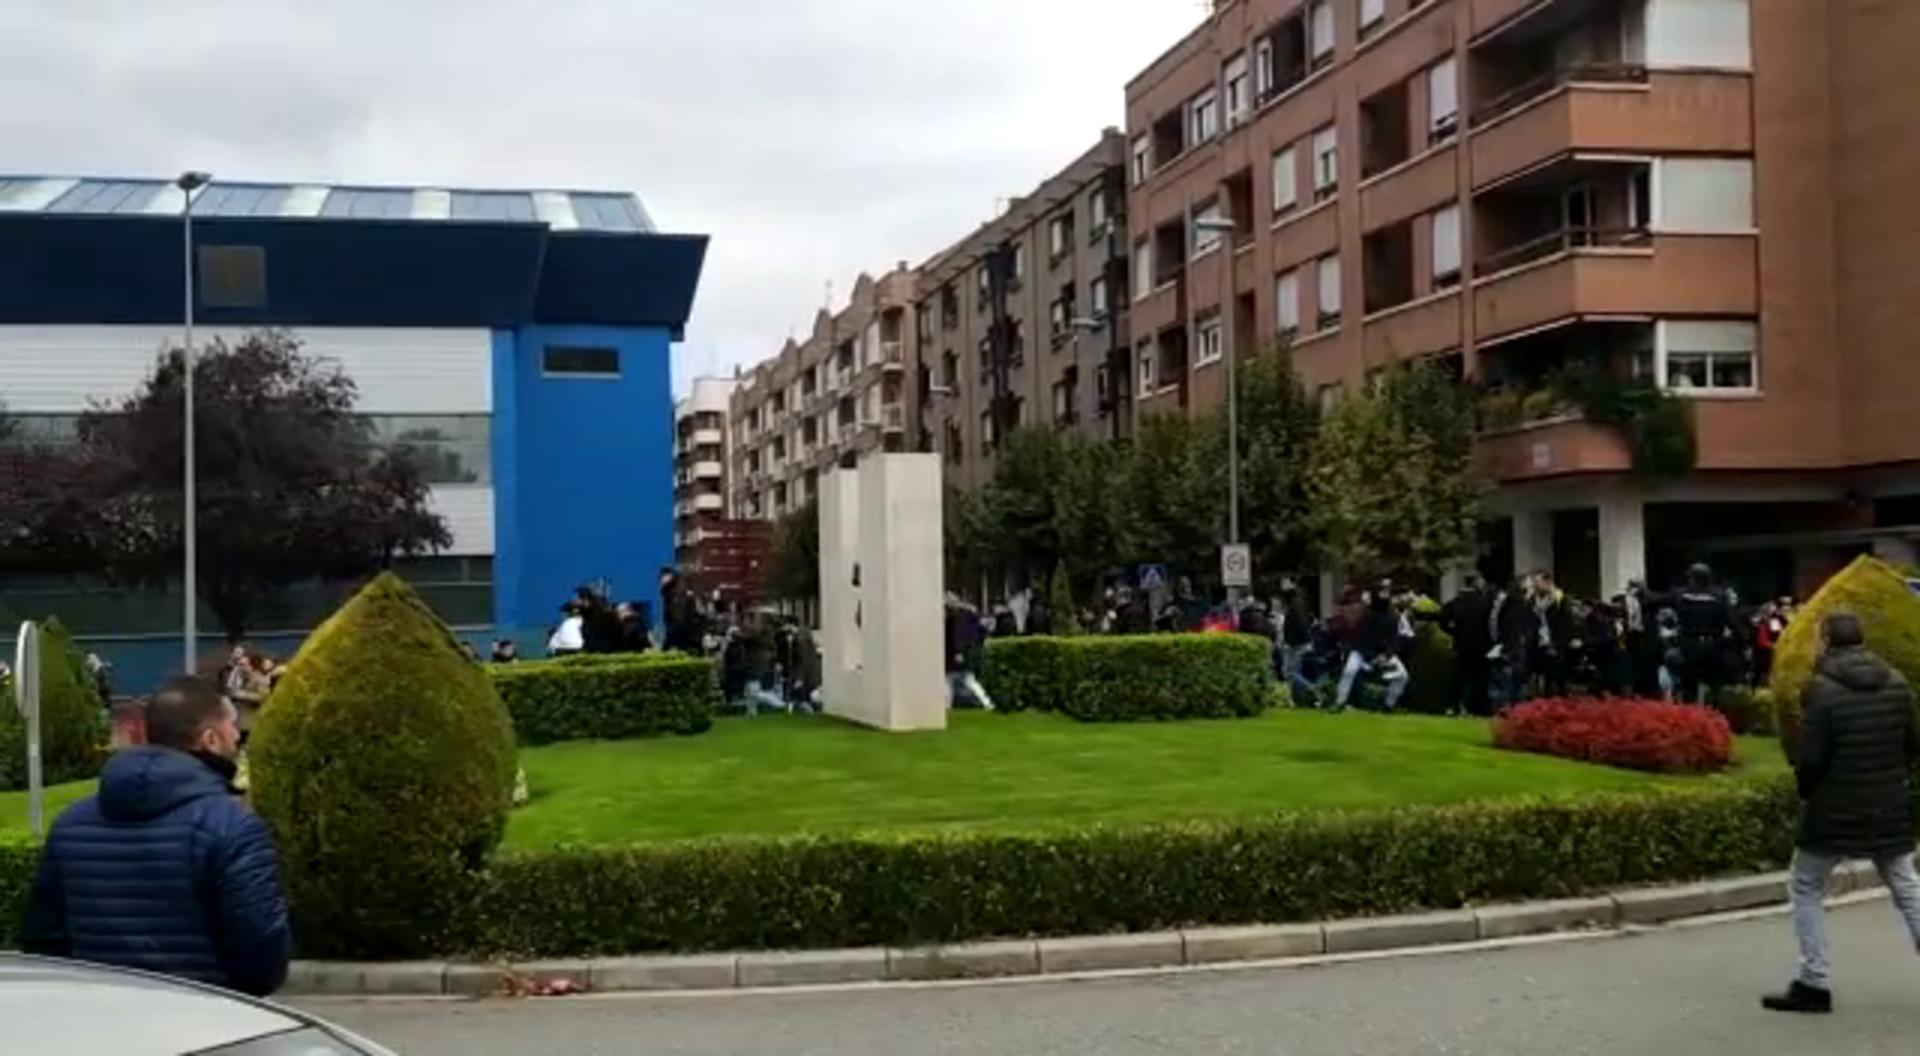 Tensión entre aficionados de la UDL y del Burgos